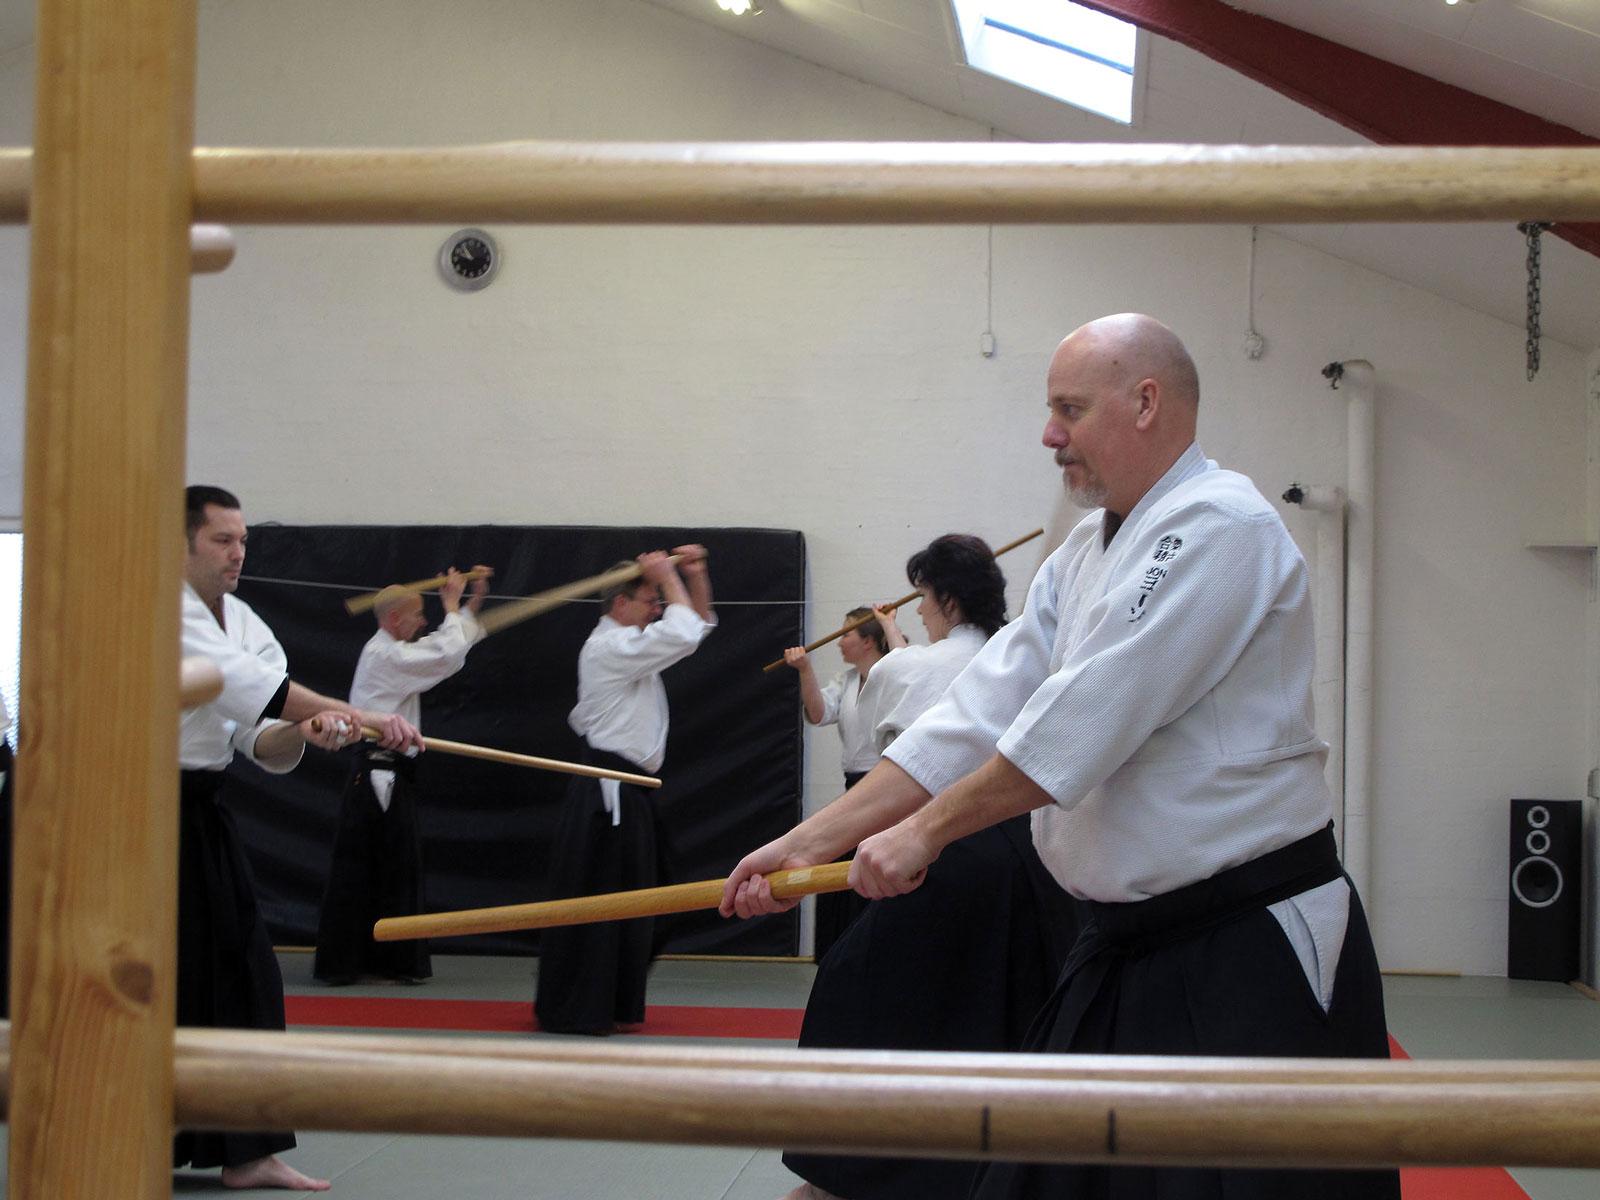 Aalborg-Aikido-seminar-2014-37